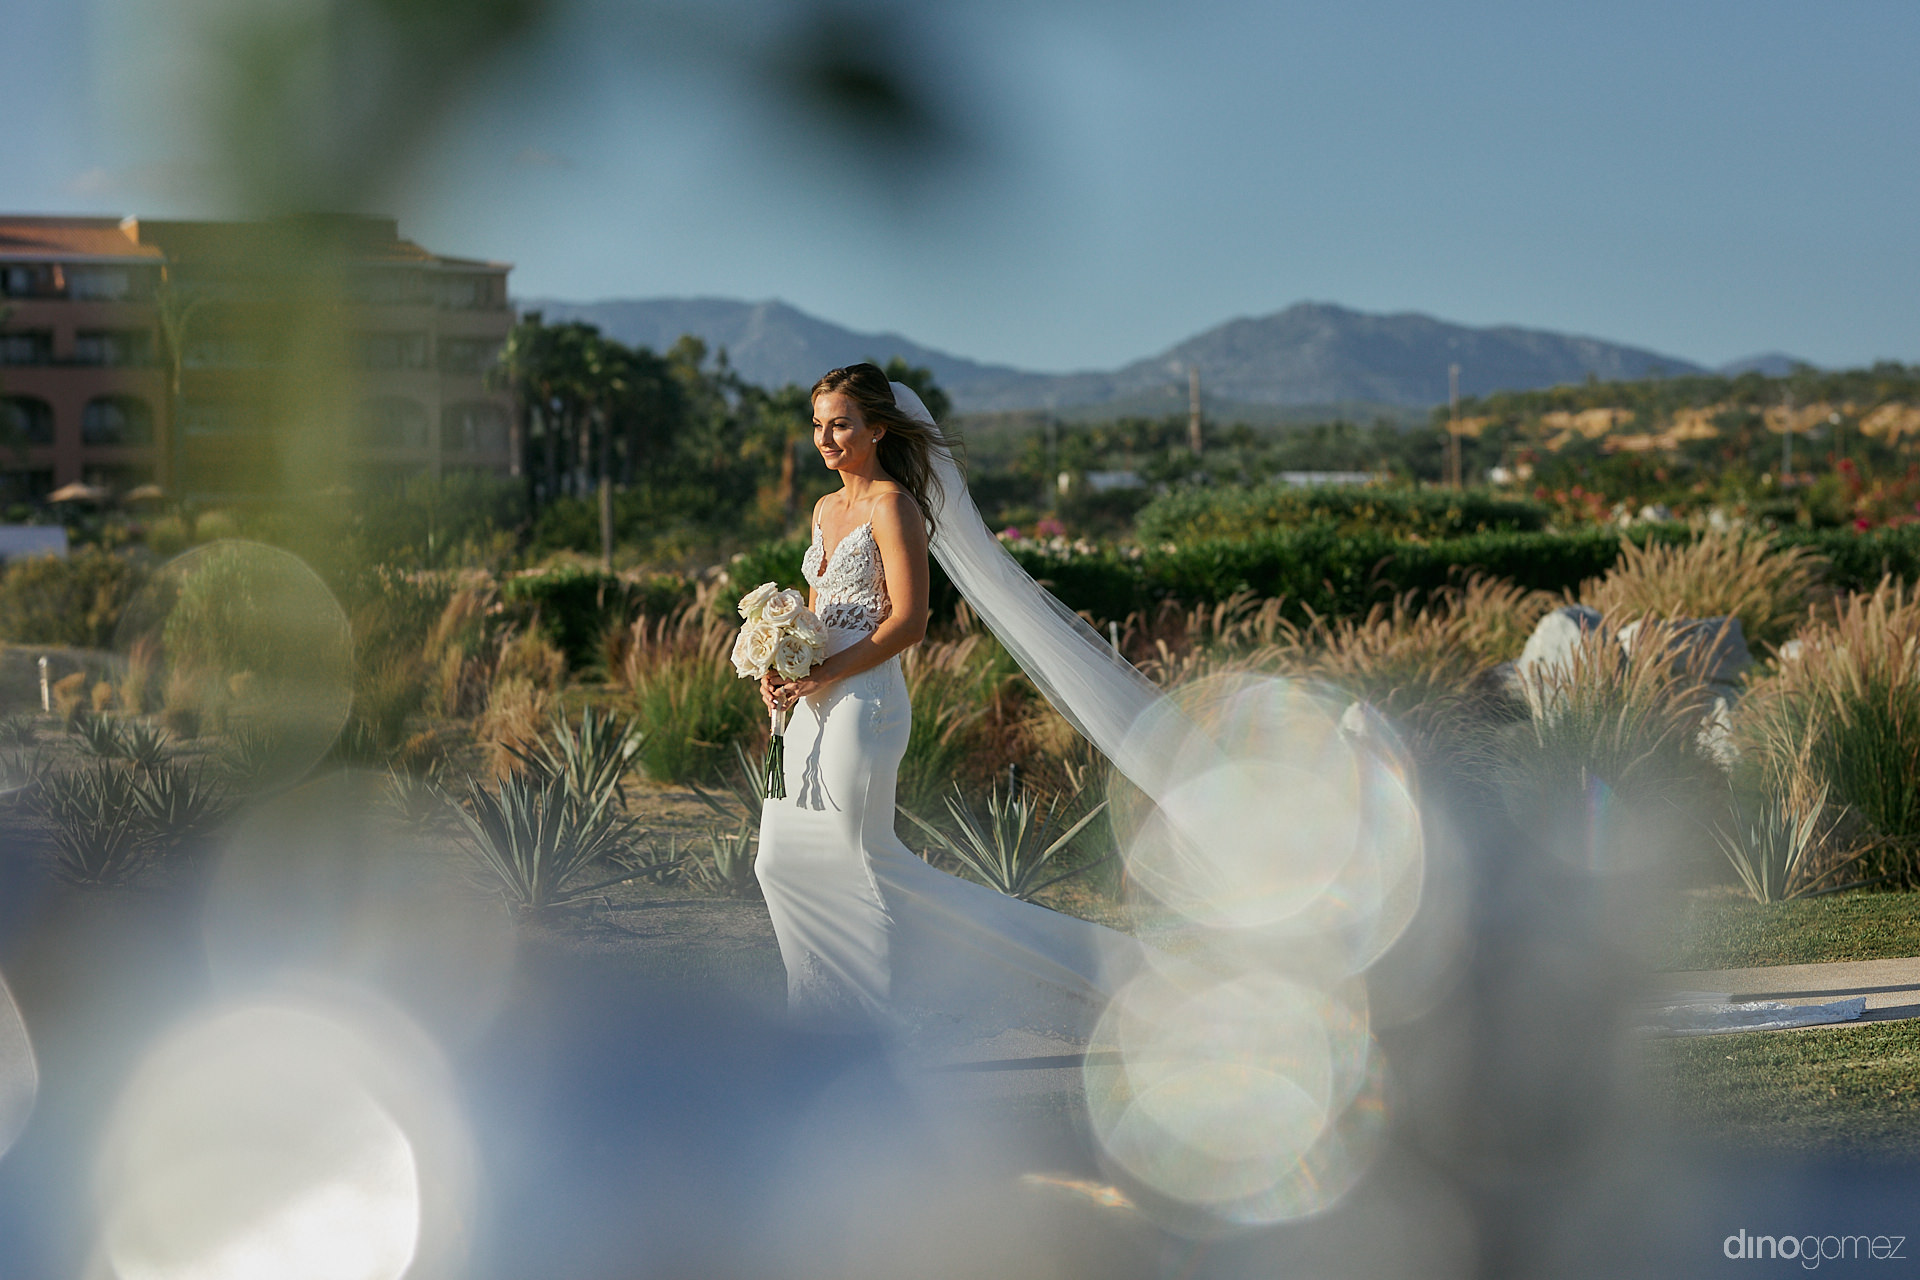 Mexico Wedding Photographer - Luxury Wedding Photographer In Cabo Dino Gomez - C&T